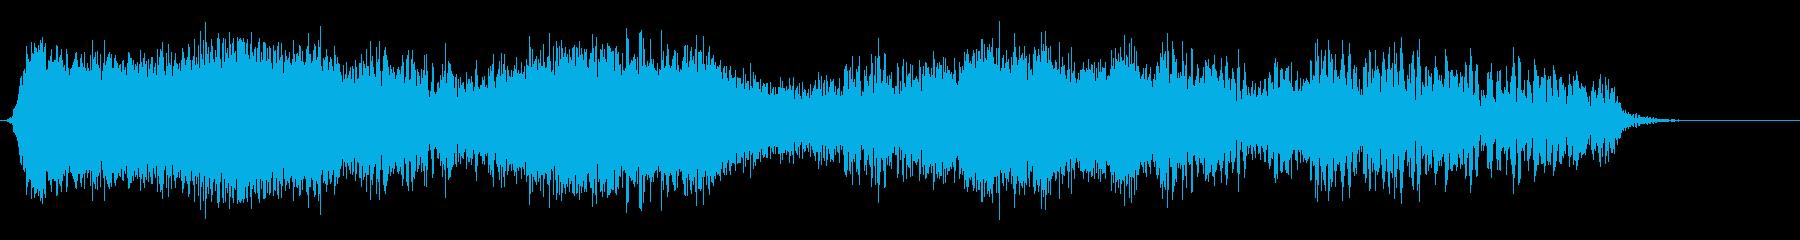 エネルギーパワーリボンの再生済みの波形